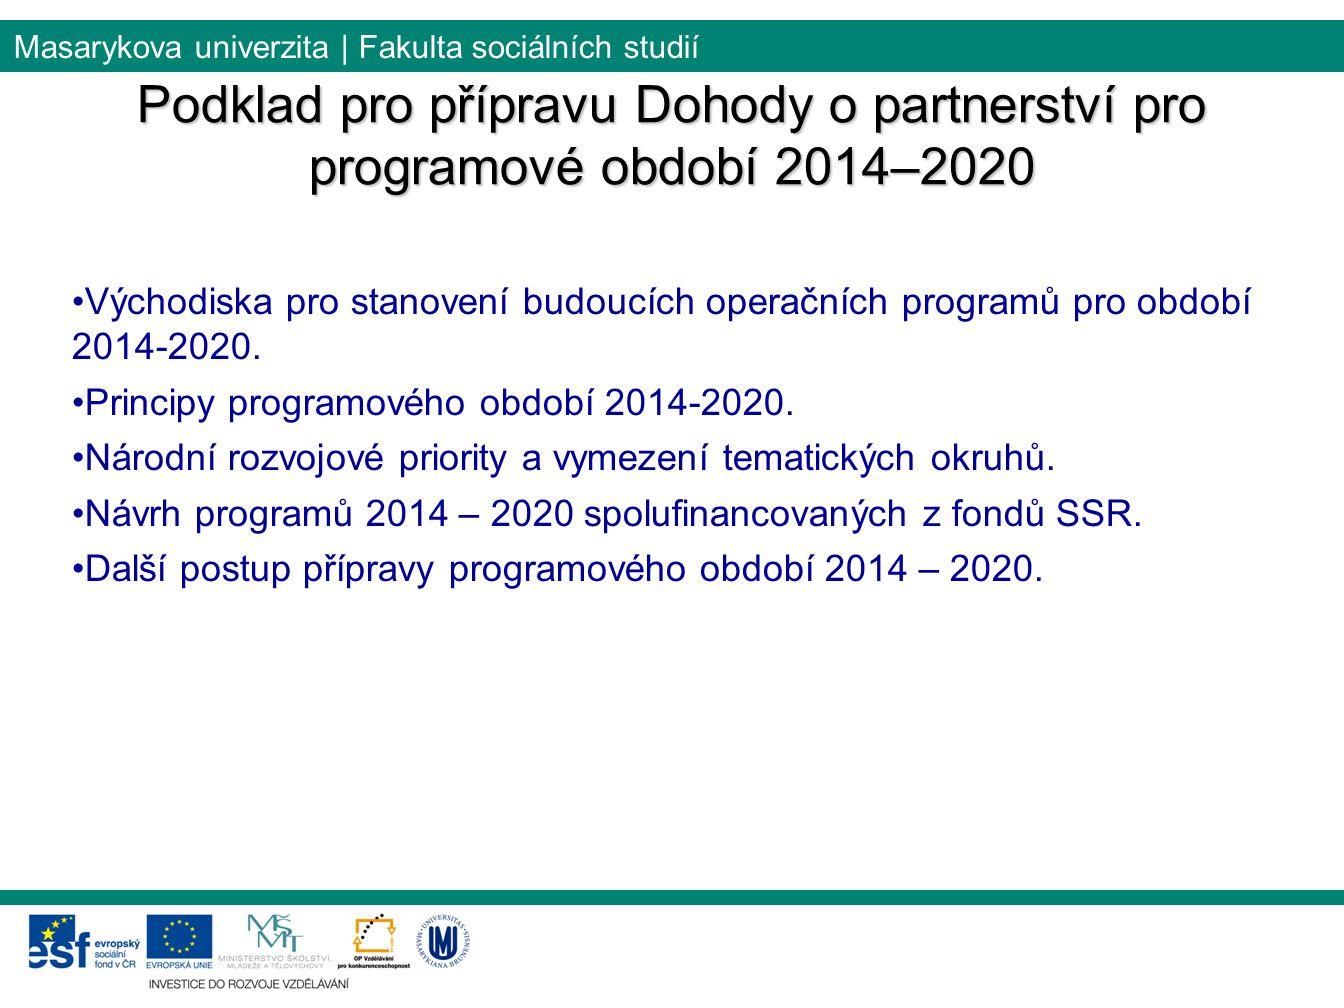 Masarykova univerzita | Fakulta sociálních studií Východiska pro stanovení budoucích operačních programů pro období 2014-2020.